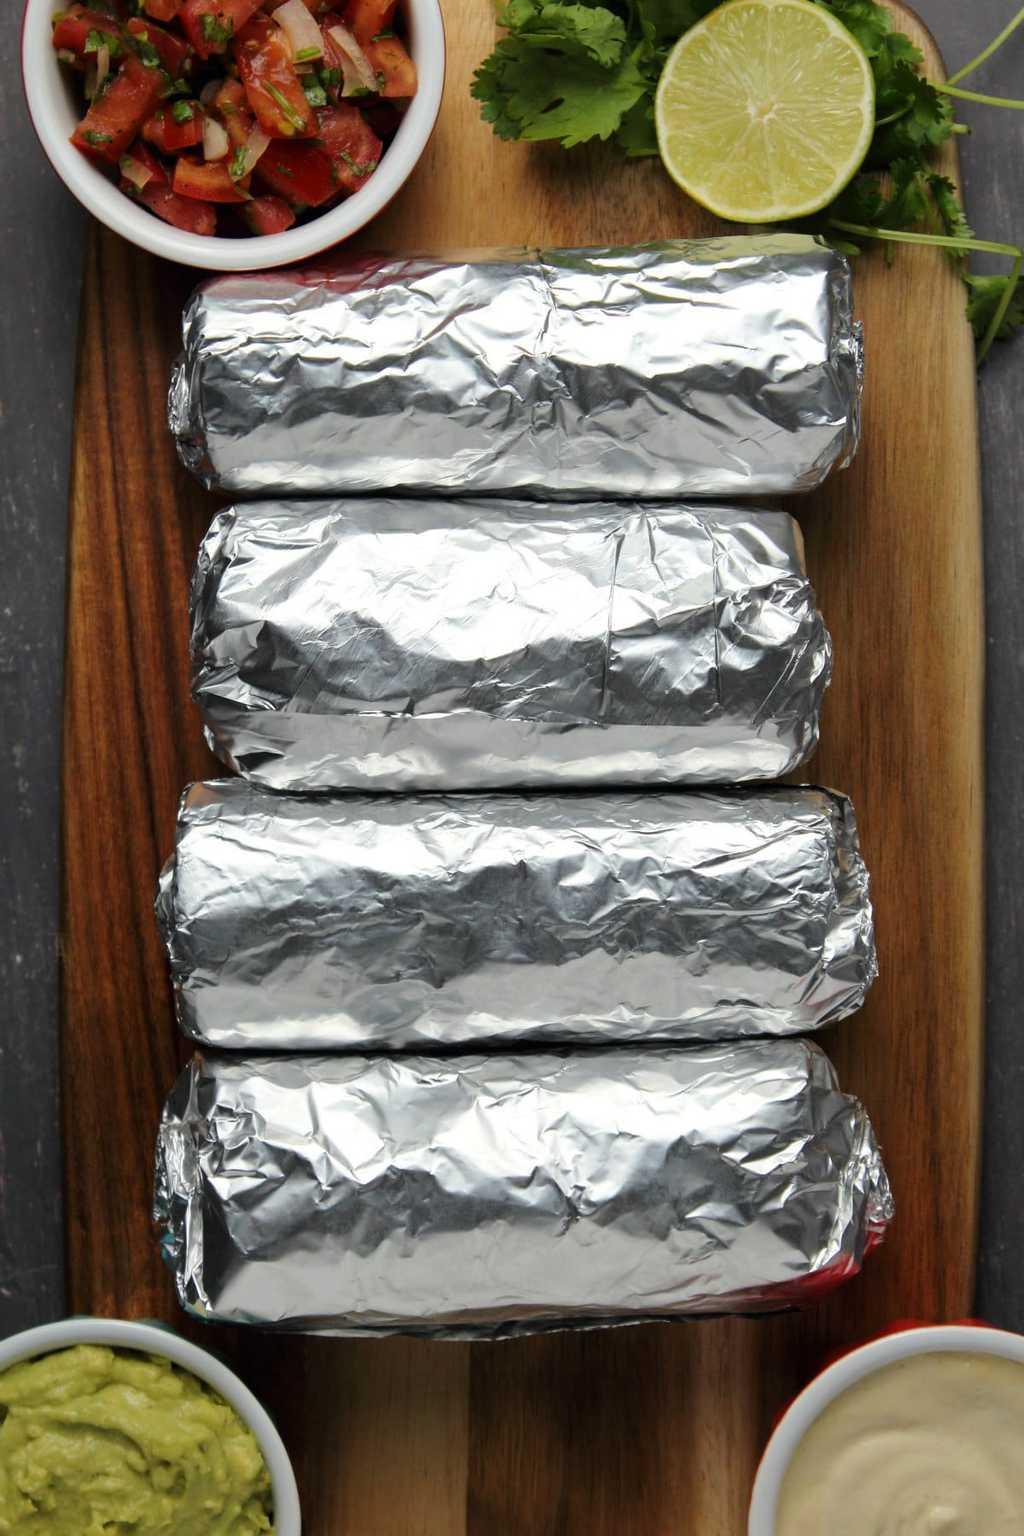 Vegan burritos wrapped in foil.